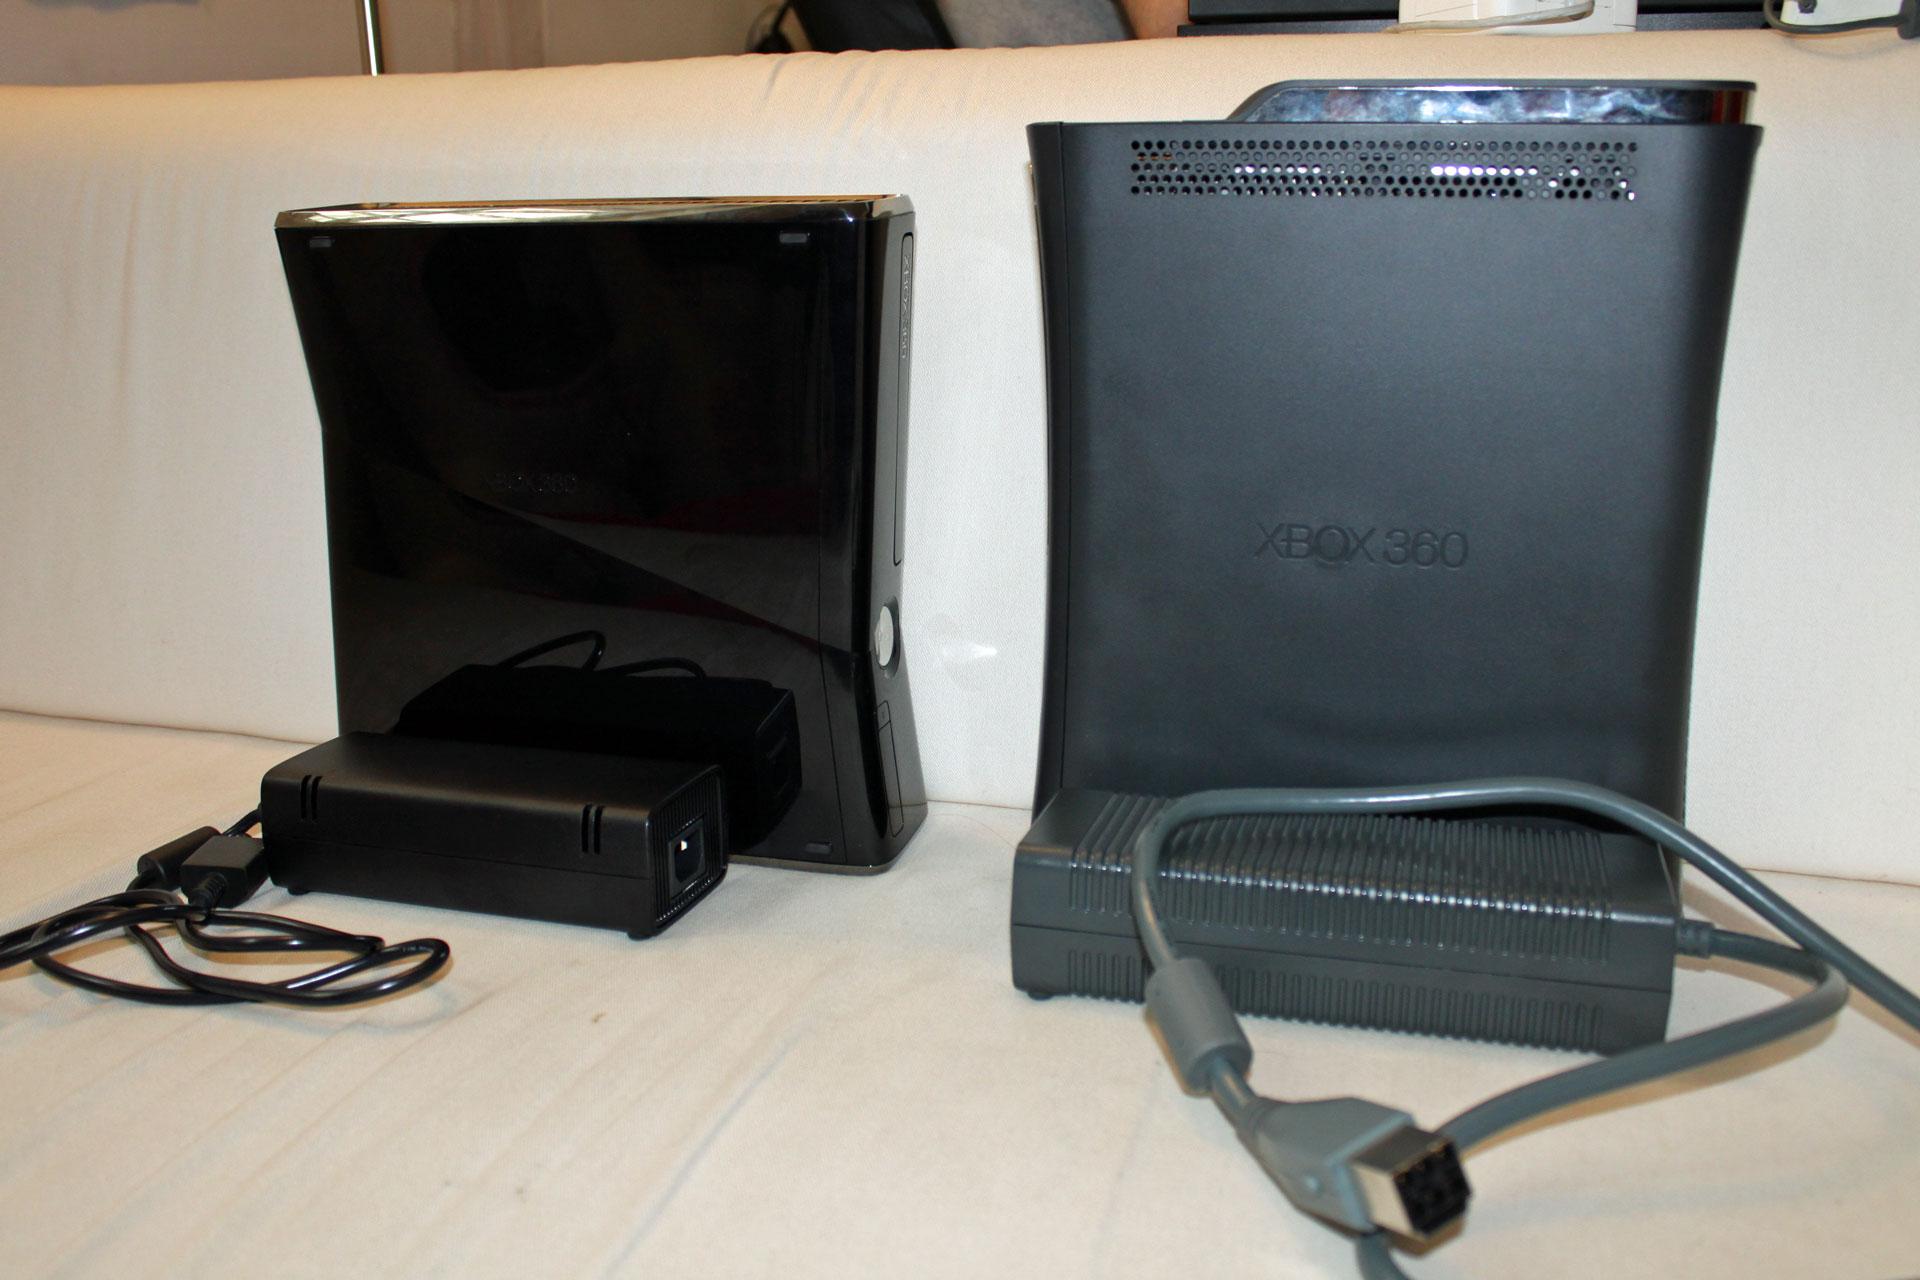 XboxS comparo 008